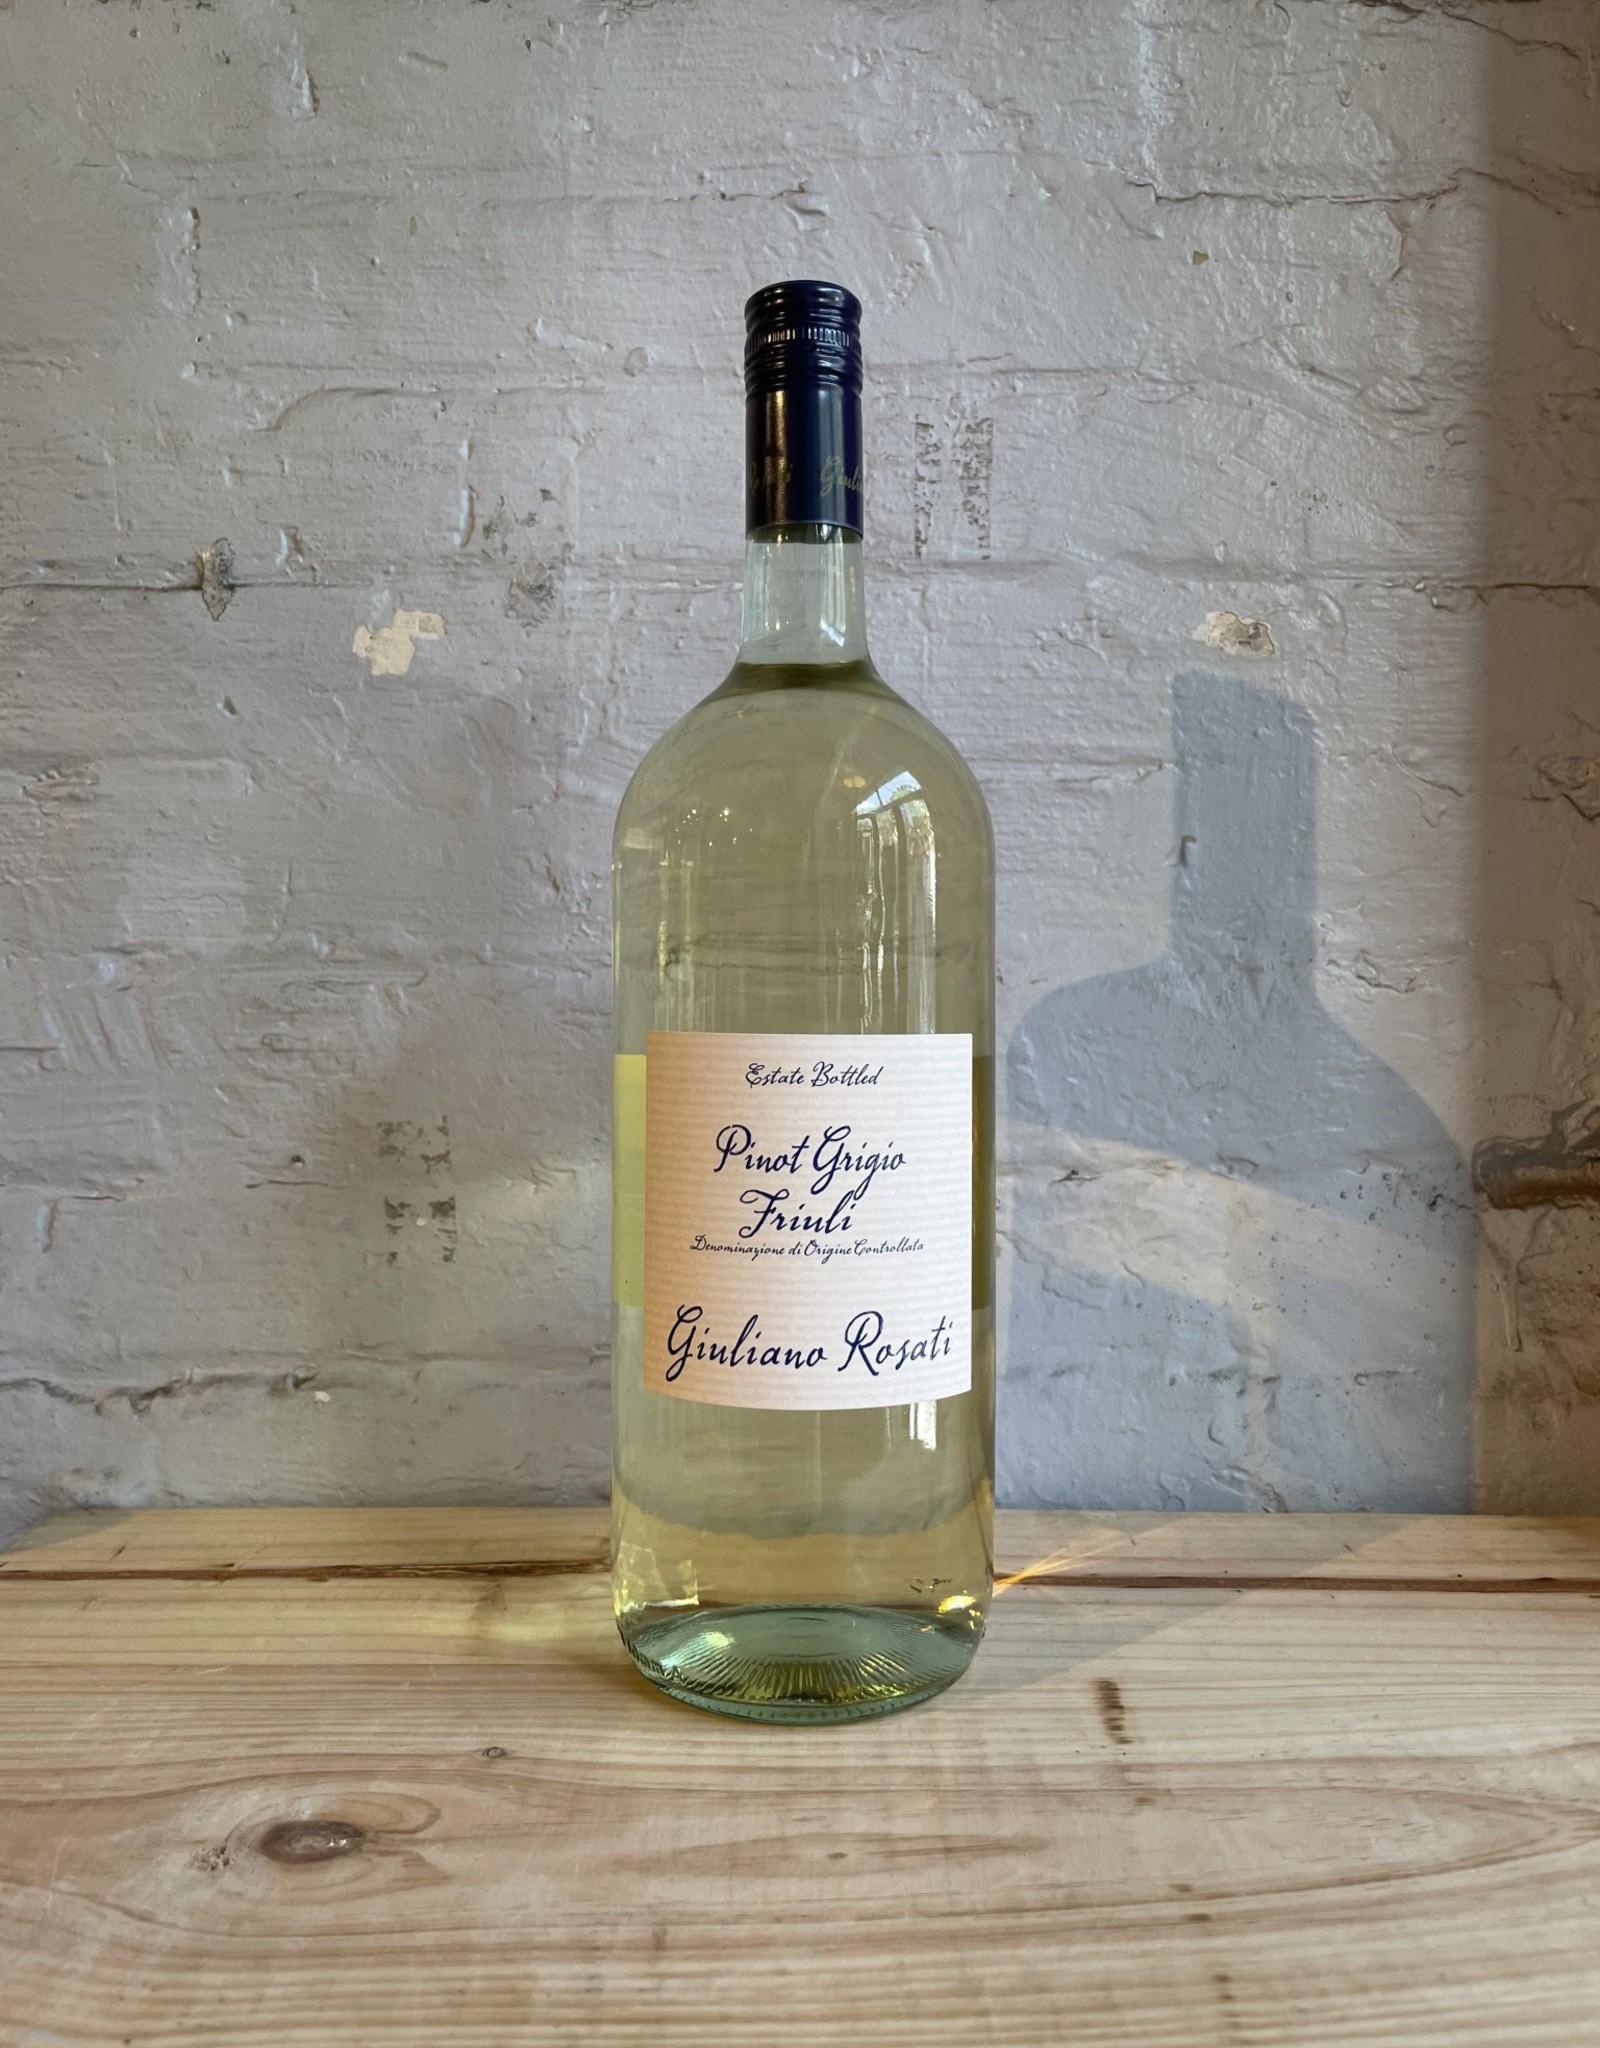 Wine 2020 Giuliano Rosati Pinot Grigio, Friuli-Venezia Giulia, Italy - (1.5L)